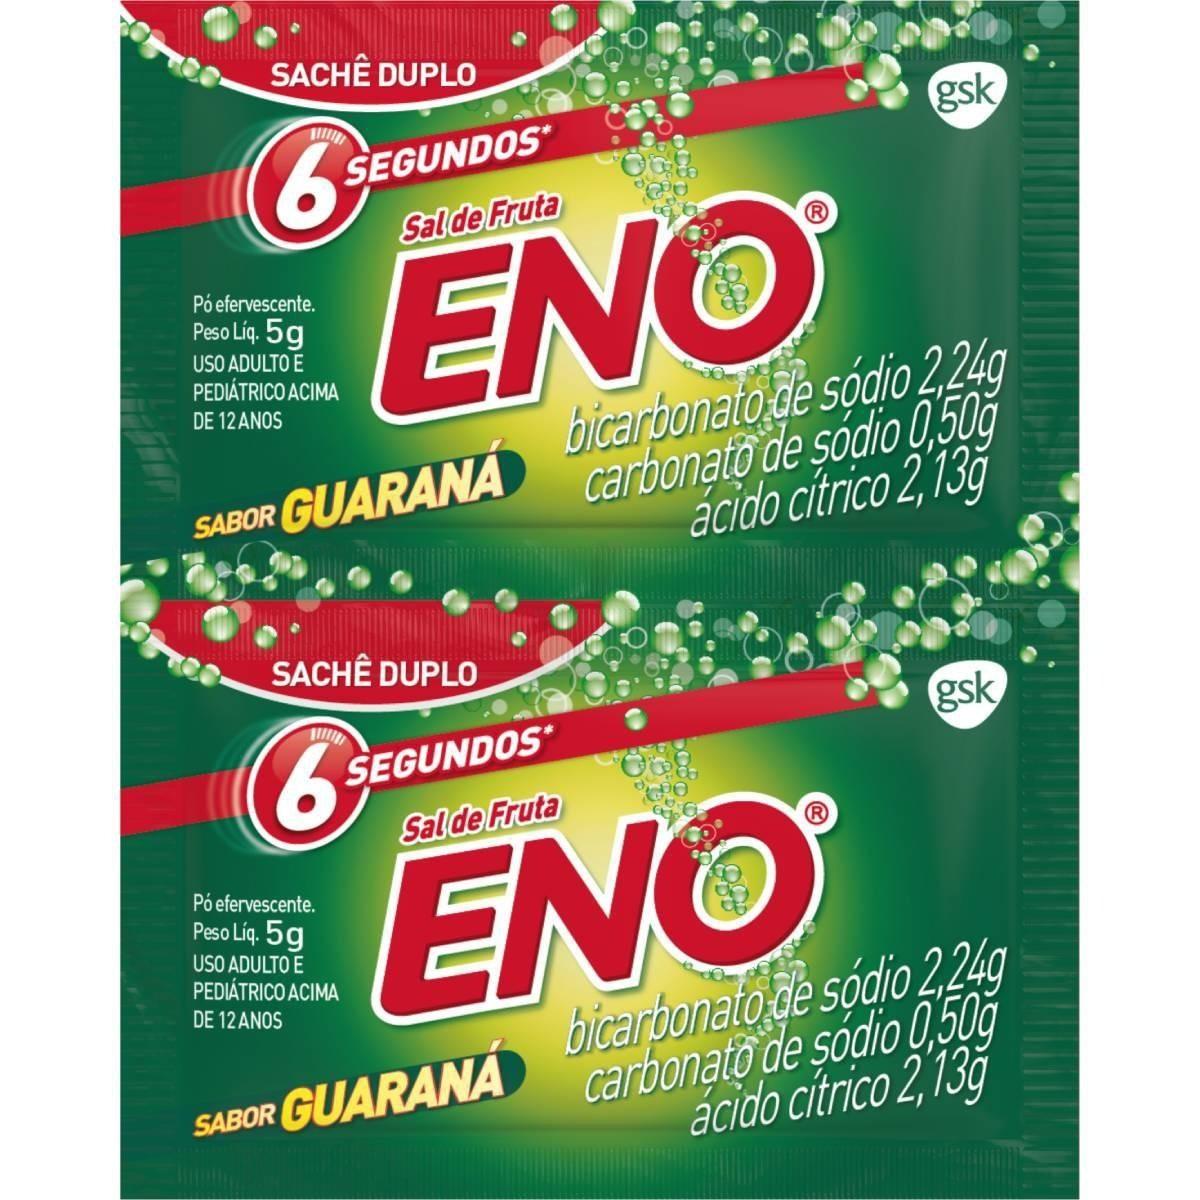 sal-de-fruta-eno-sabor-guarana-com-2-env